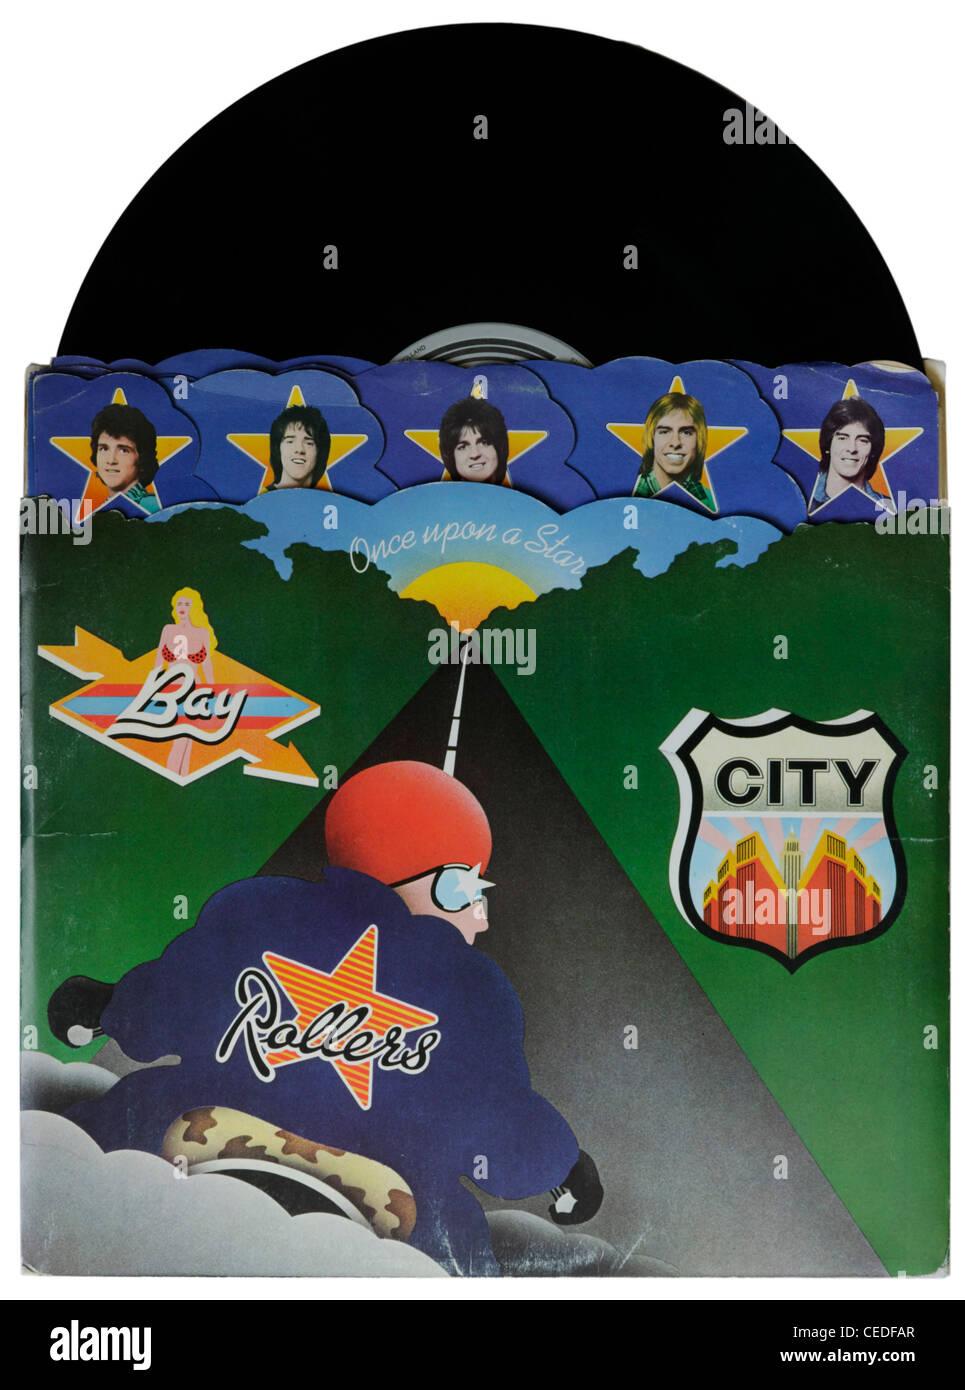 Érase una estrella por el Bay City Rollers Imagen De Stock